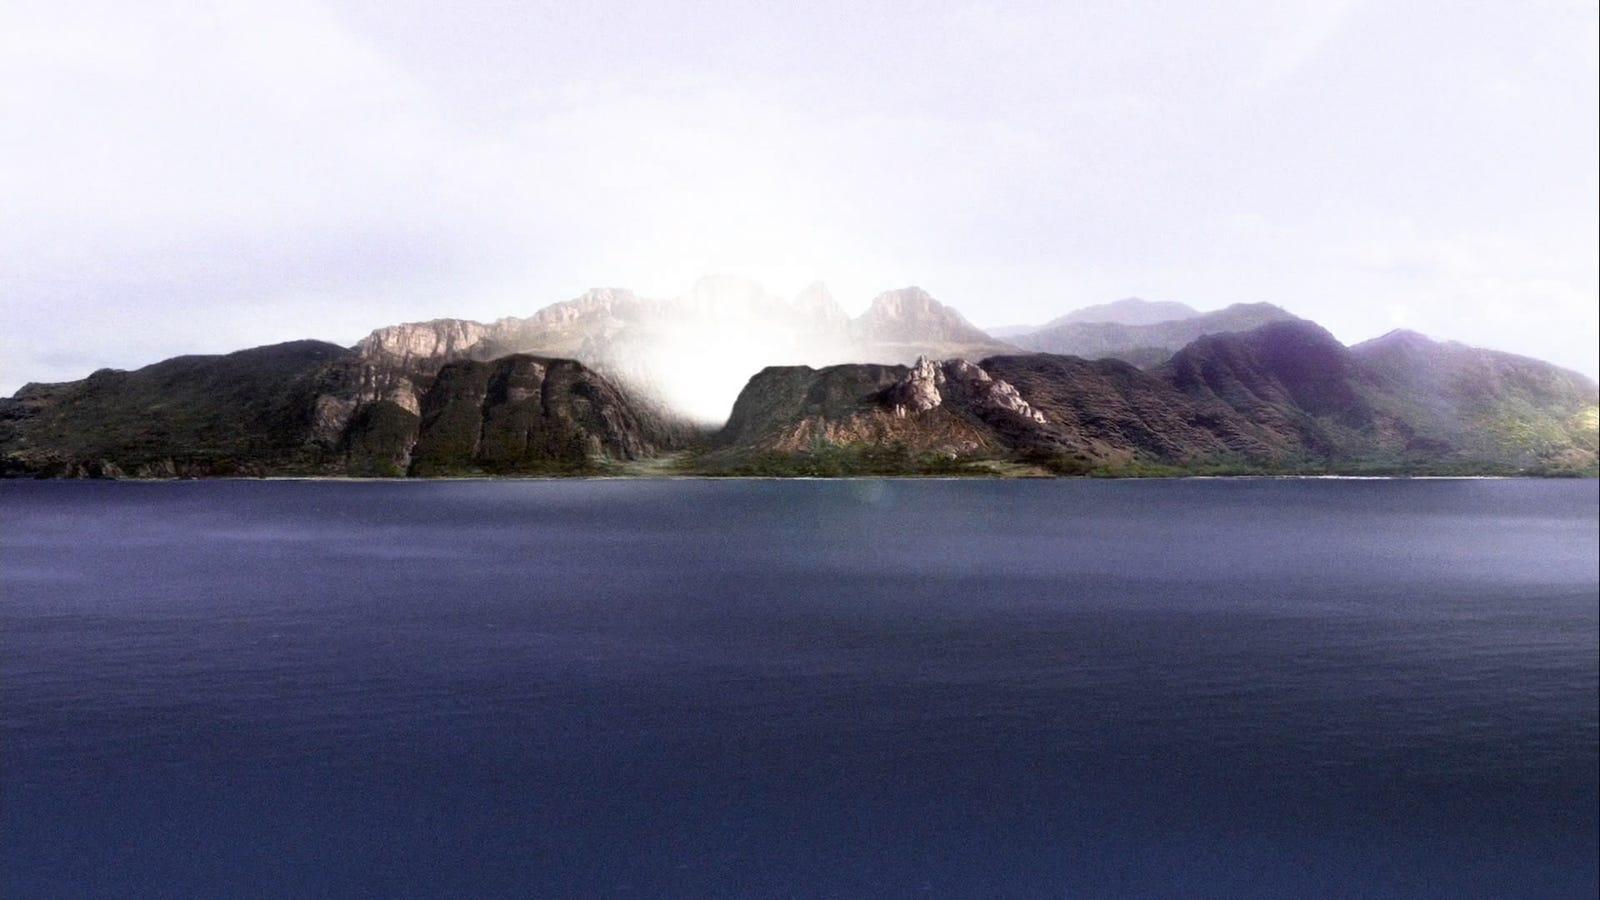 La misteriosa isla que aparece (y desaparece) sin dejar rastro: la leyenda de San Borondón